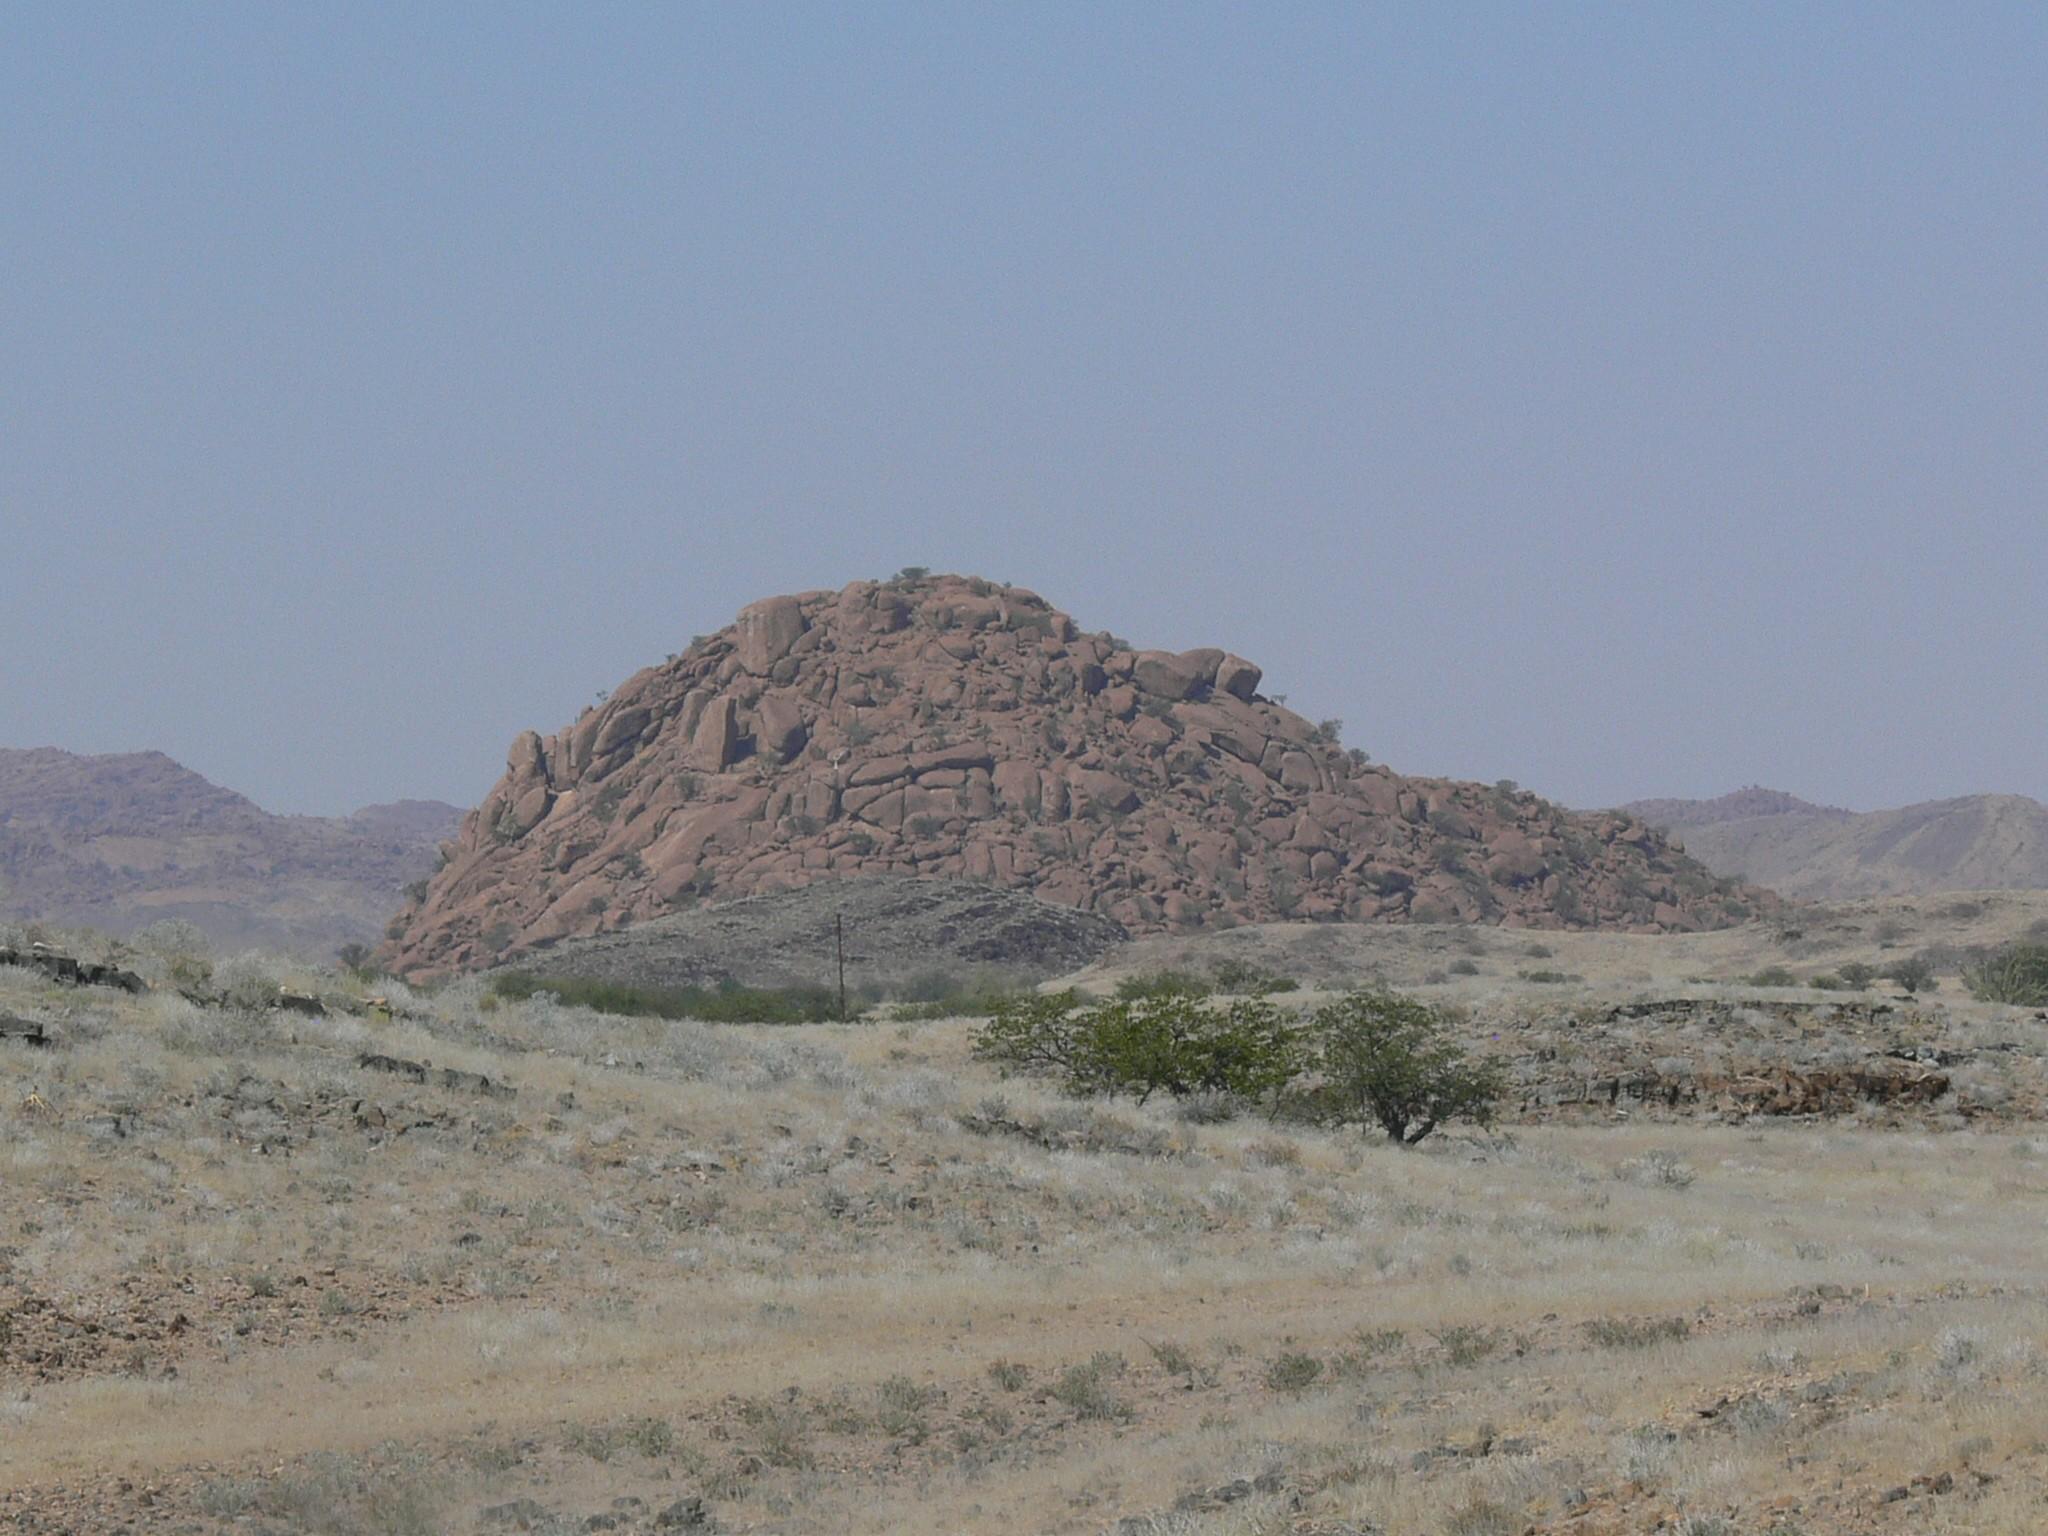 Formação rochosa descoberta na Namíbia (Foto: West Virginia University/ Divulgação)